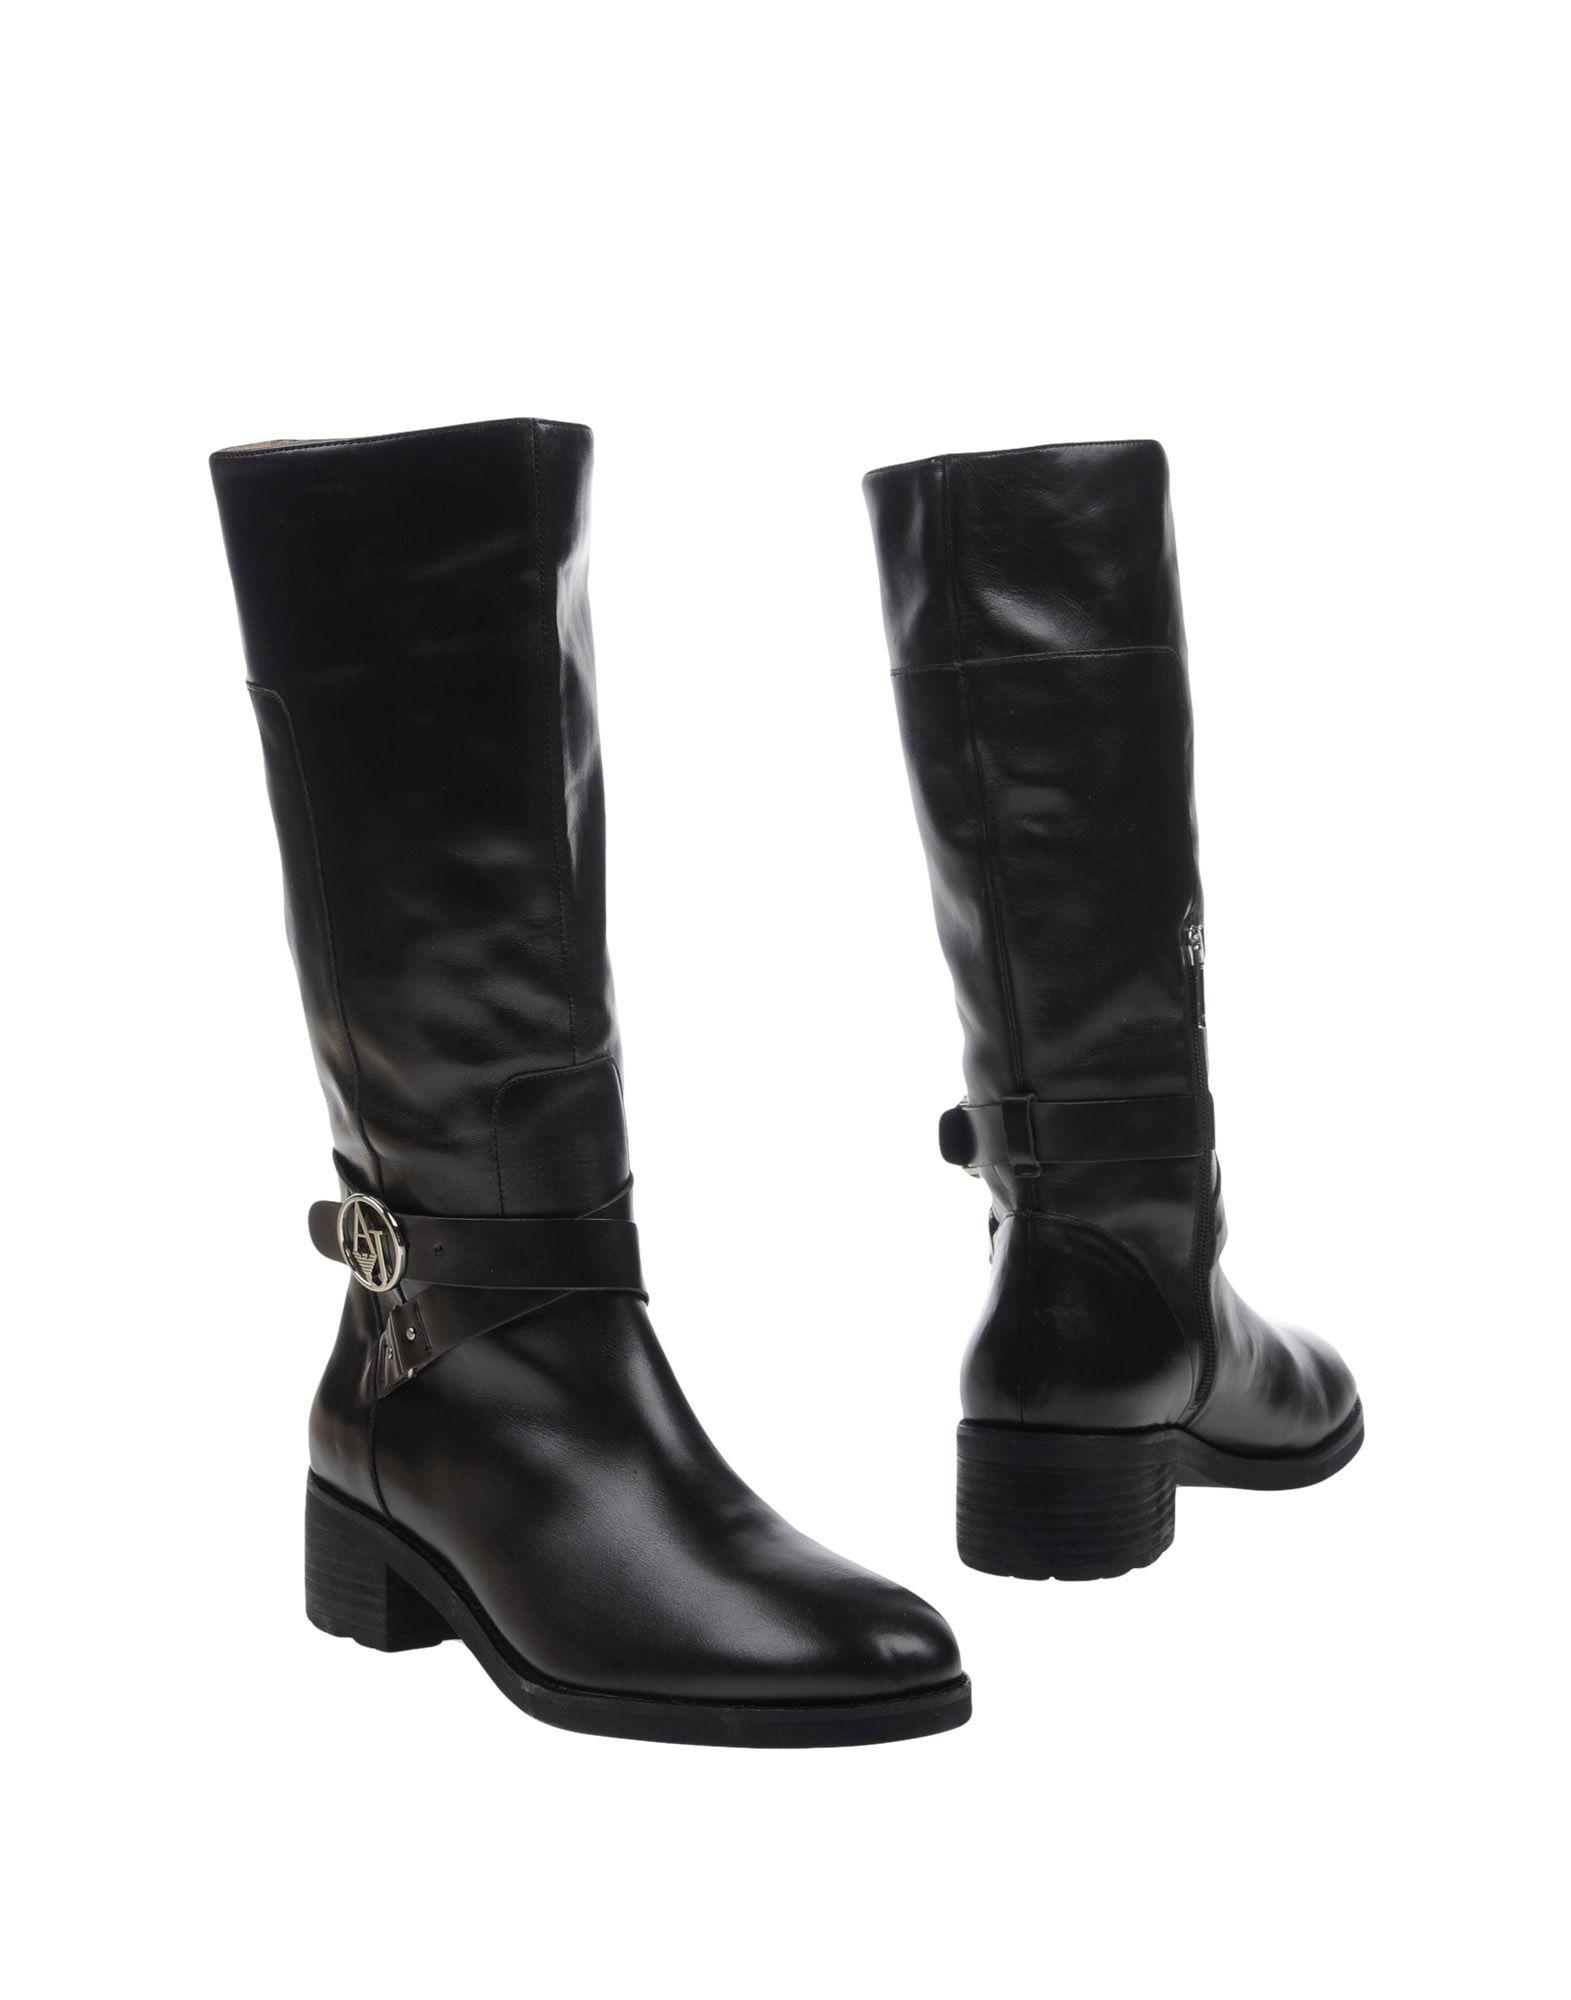 Billig-2629,Brmani Jeans es Stiefel Damen Gutes Preis-Leistungs-Verhältnis, es Jeans lohnt sich 16862b